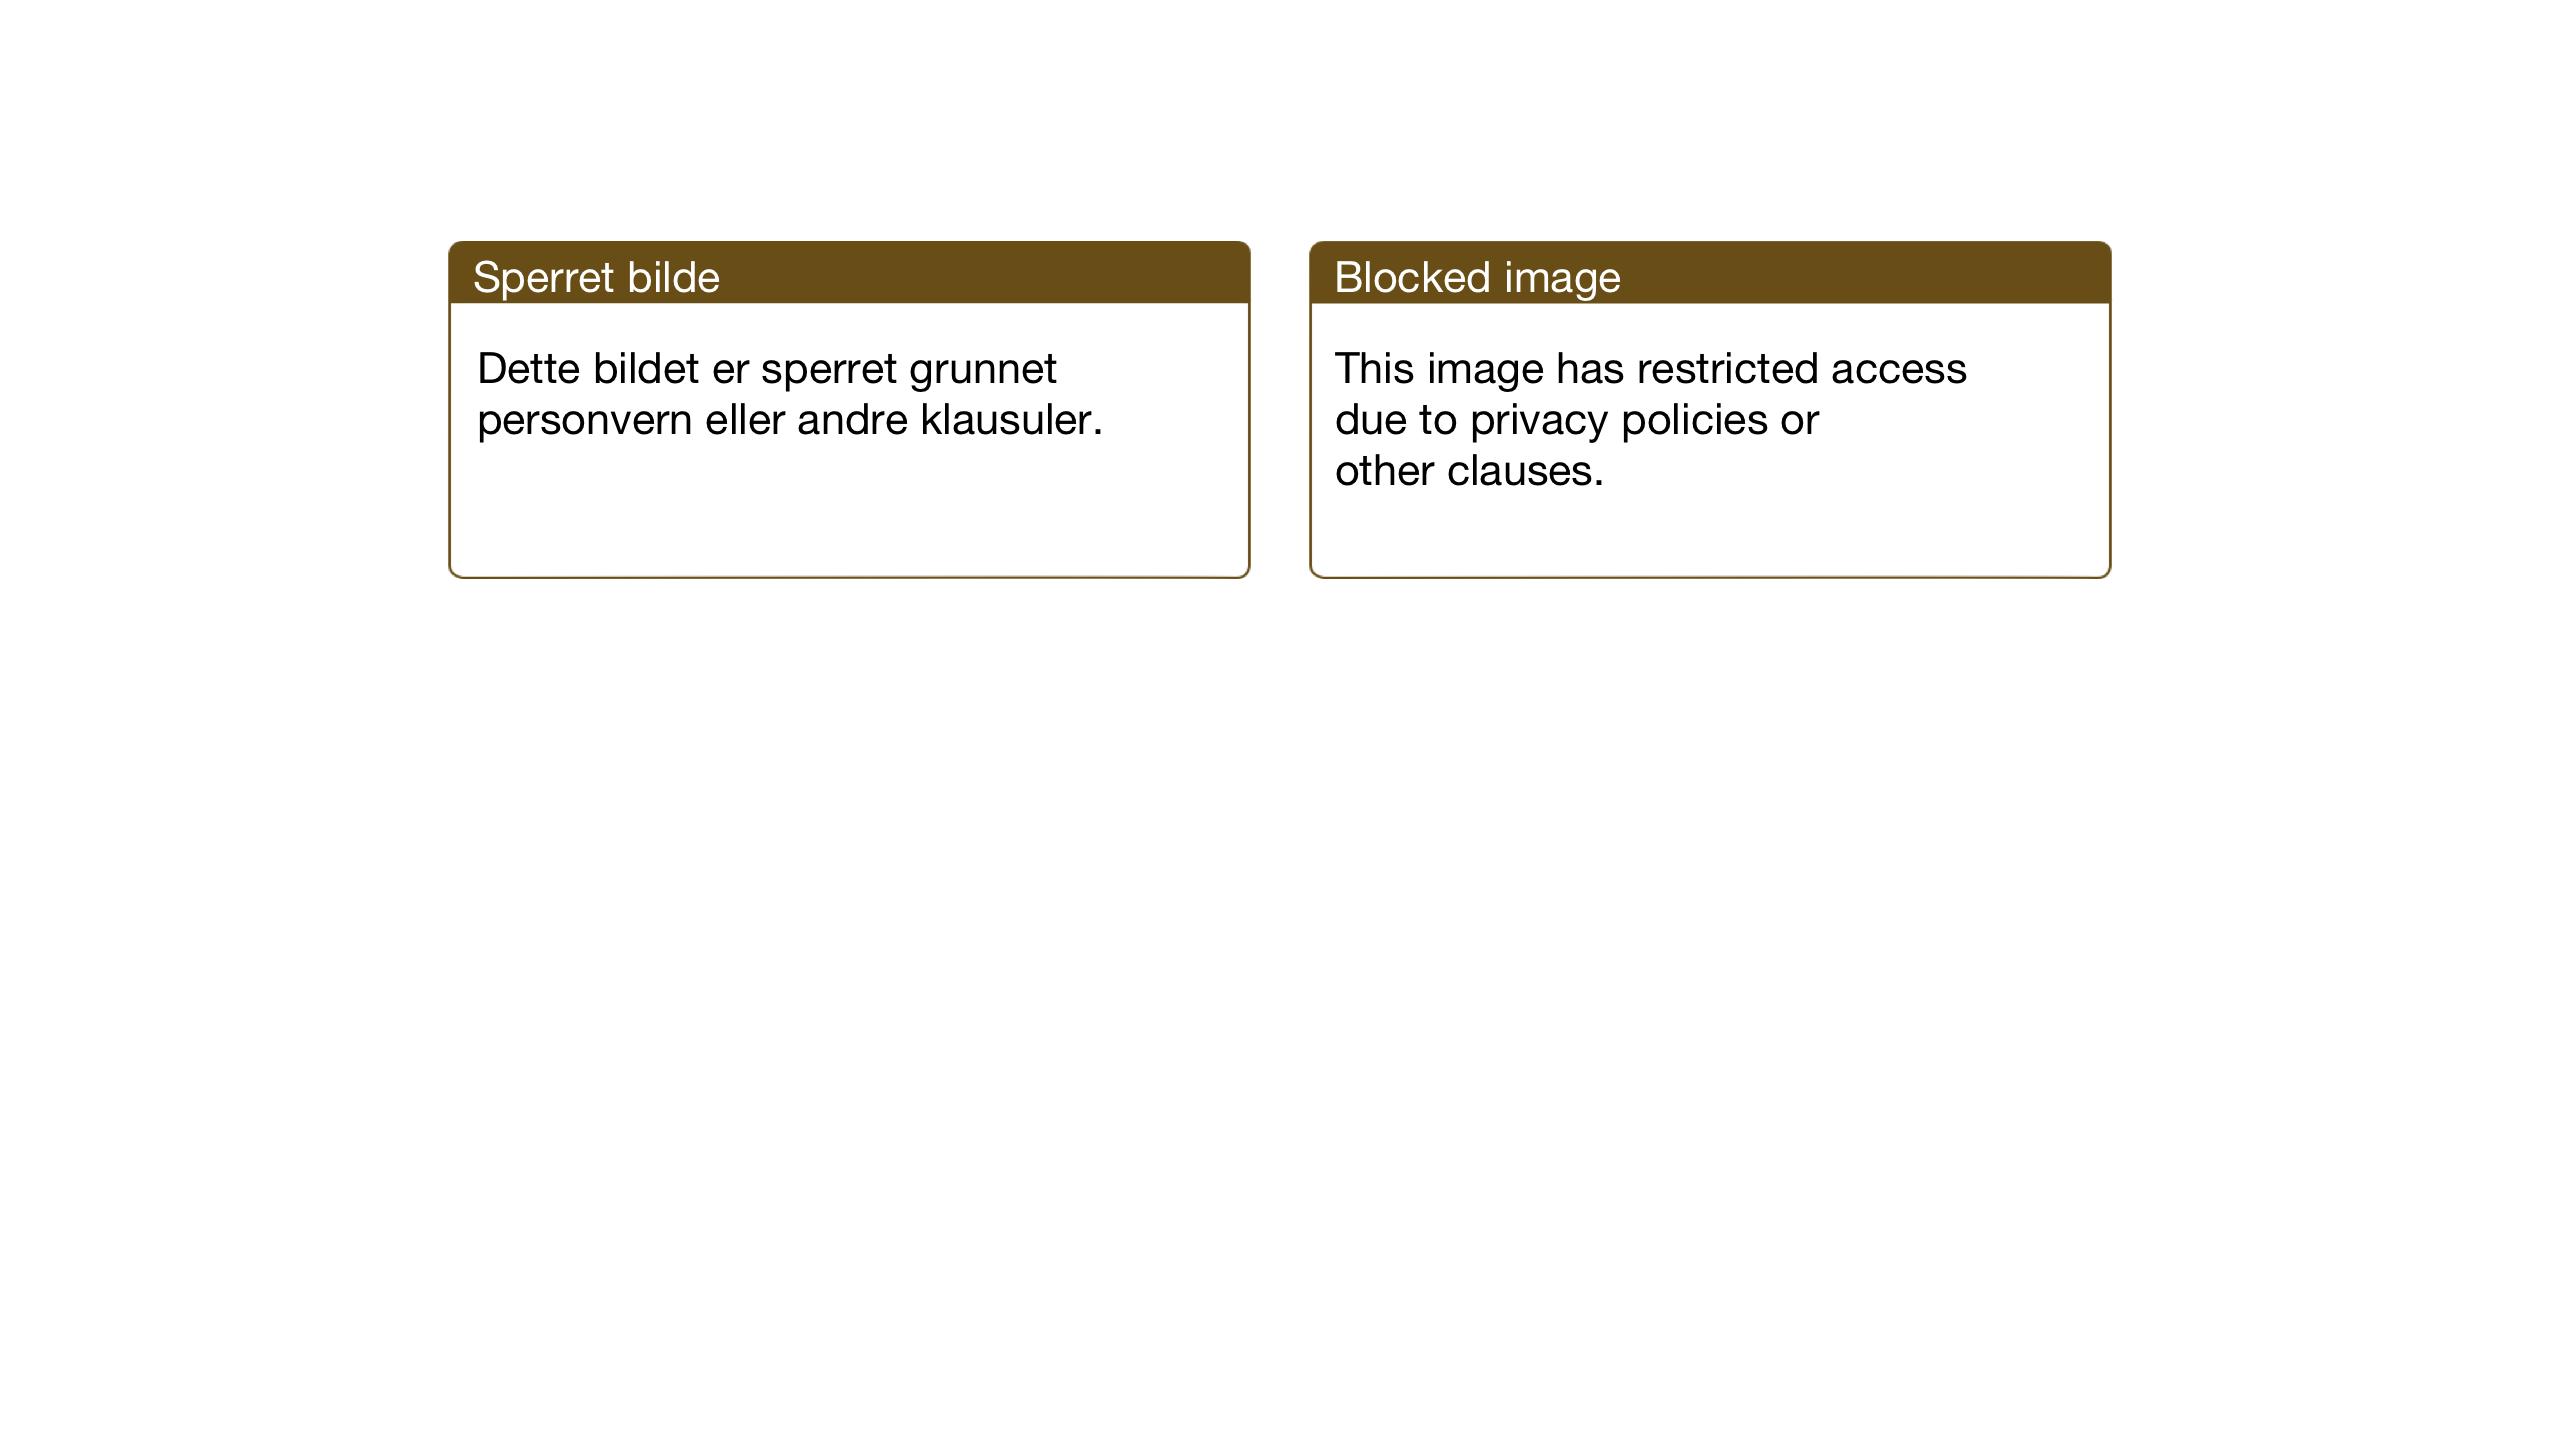 SAT, Ministerialprotokoller, klokkerbøker og fødselsregistre - Nord-Trøndelag, 740/L0383: Klokkerbok nr. 740C04, 1927-1939, s. 26